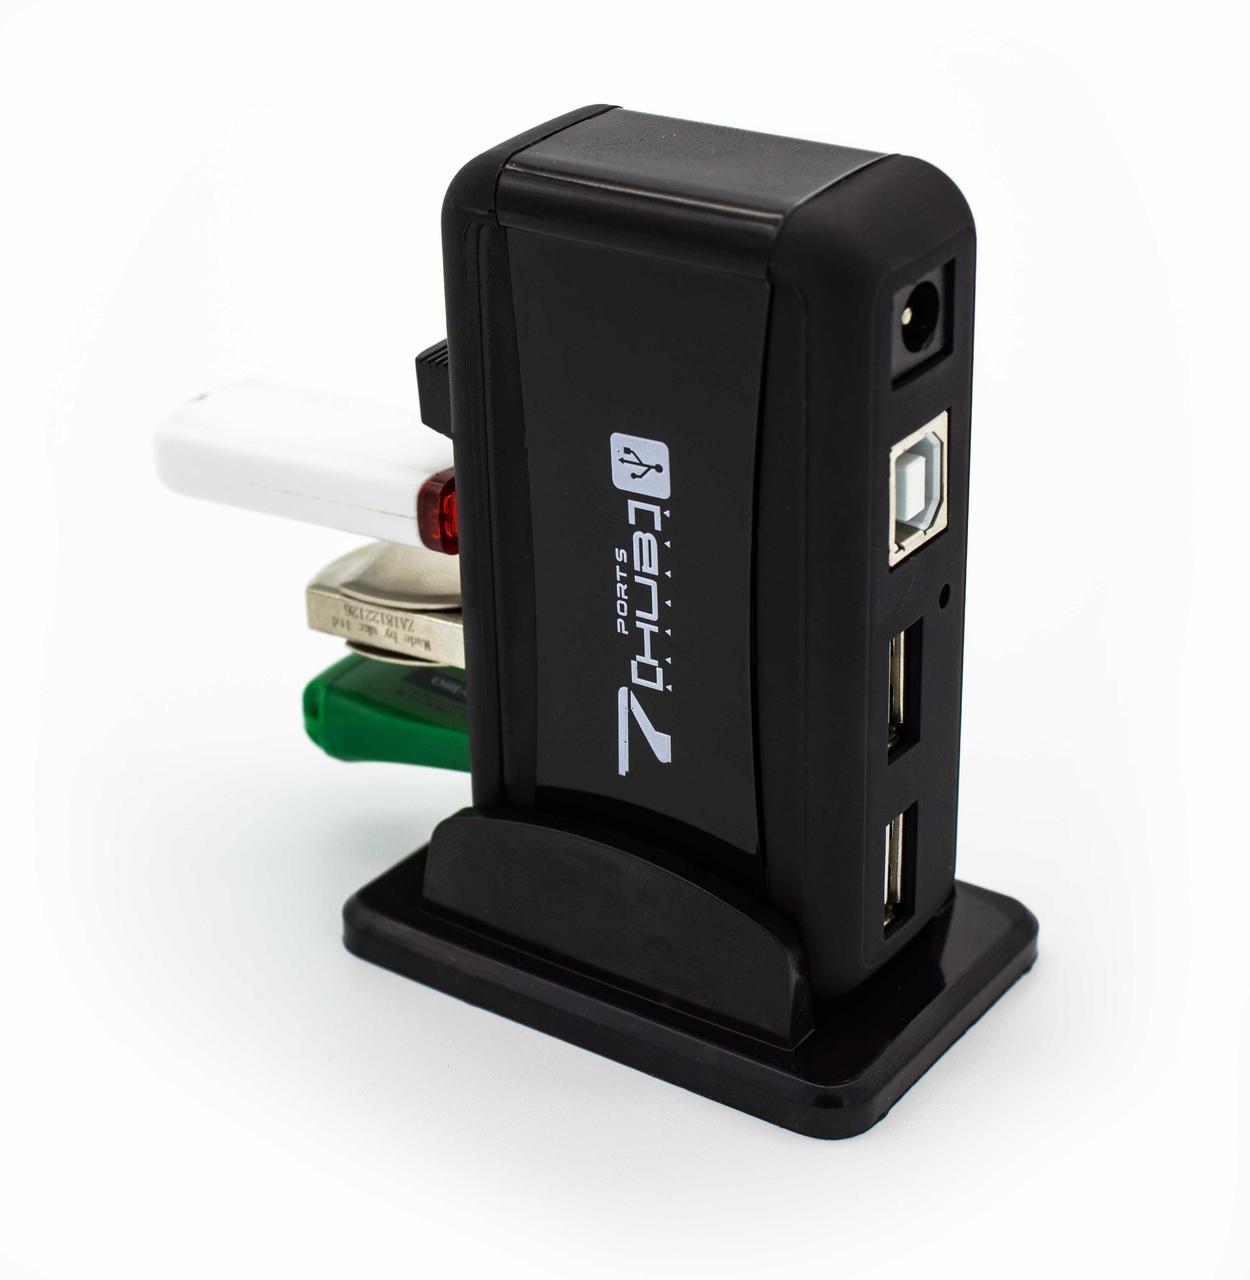 USBHUB на 7 портов Lapara  USB 2.0 с блоком питания